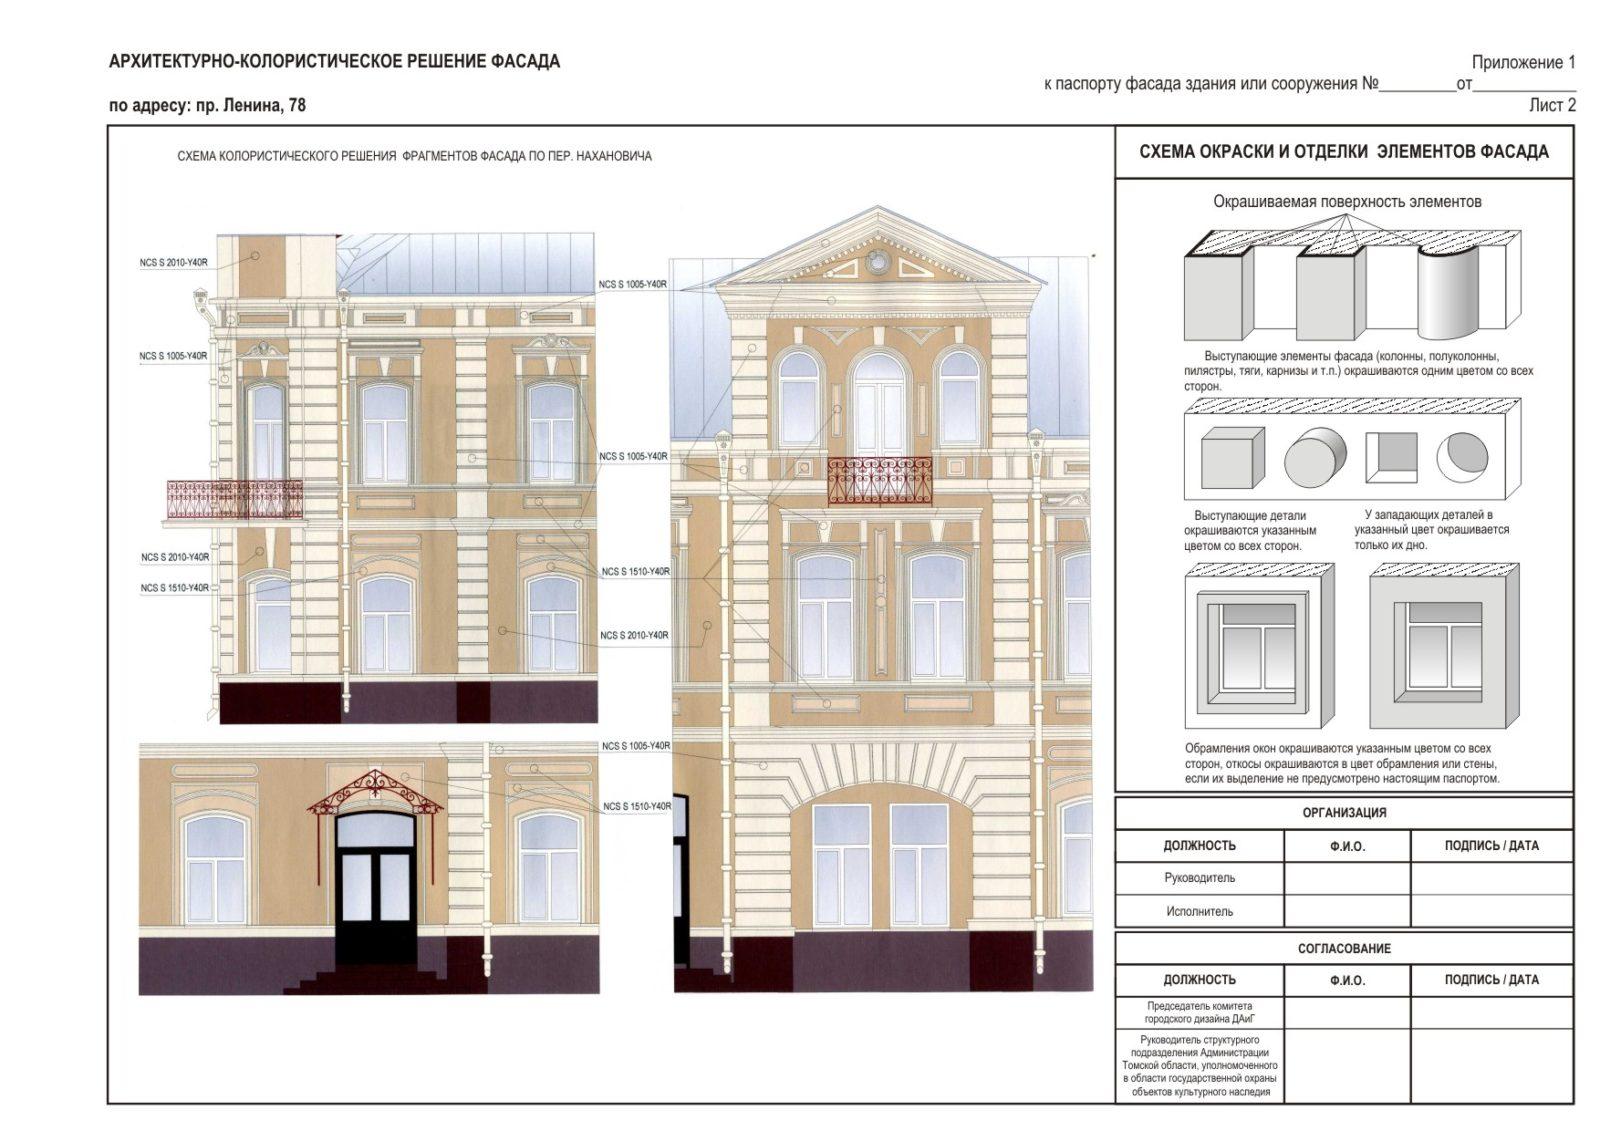 В колористических проектах и паспортах есть схемы, чертежи, разверстки фасадов.